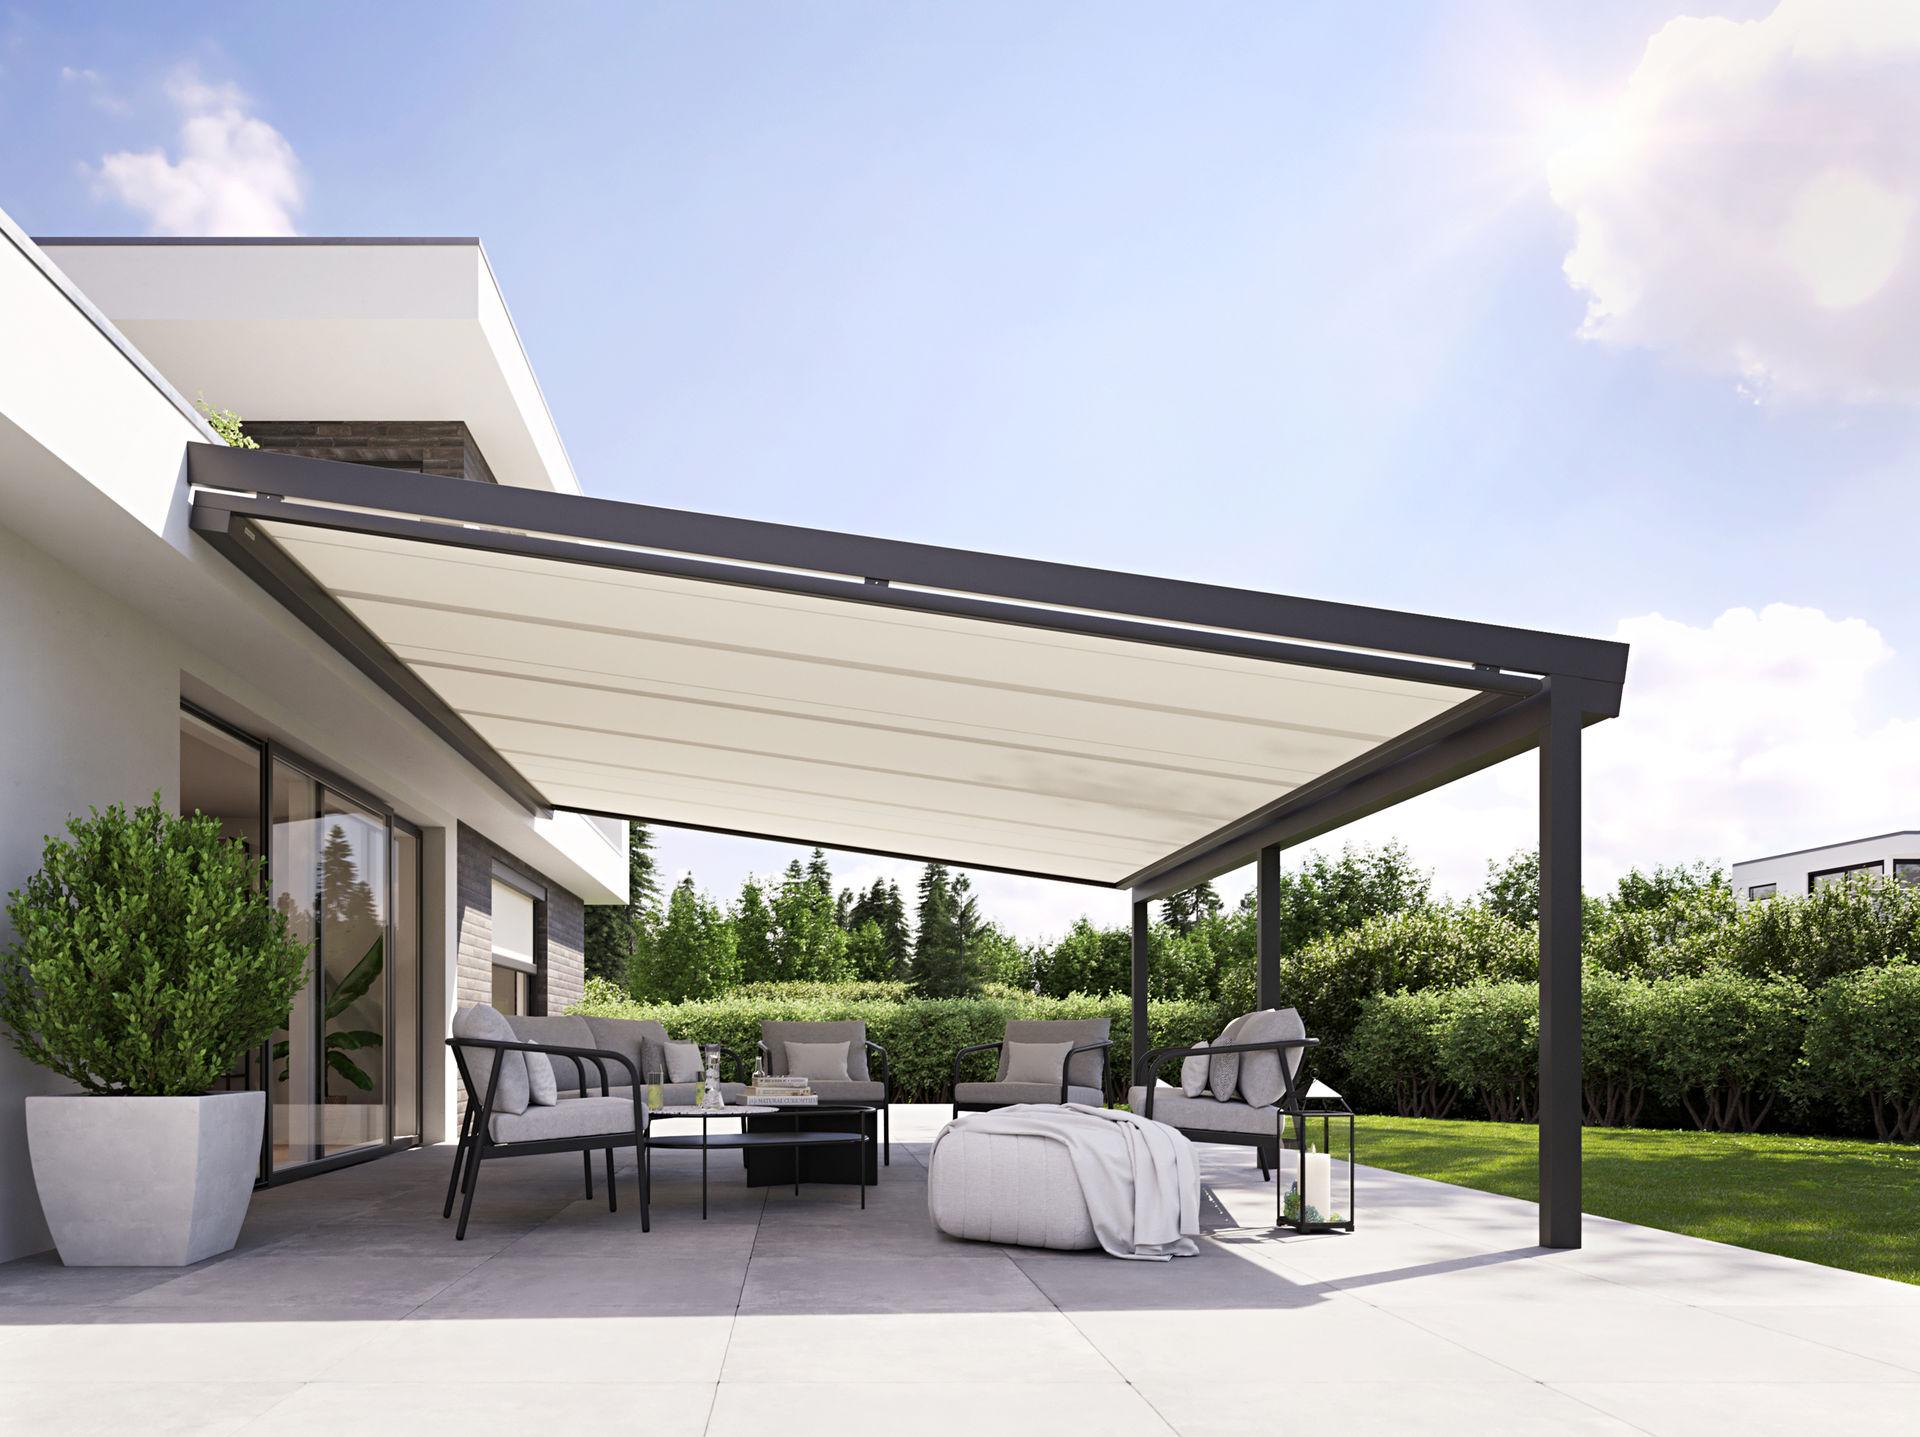 Unterglasmarkise für Terrasse der Marke Markilux von Ottis Fenster und Türen